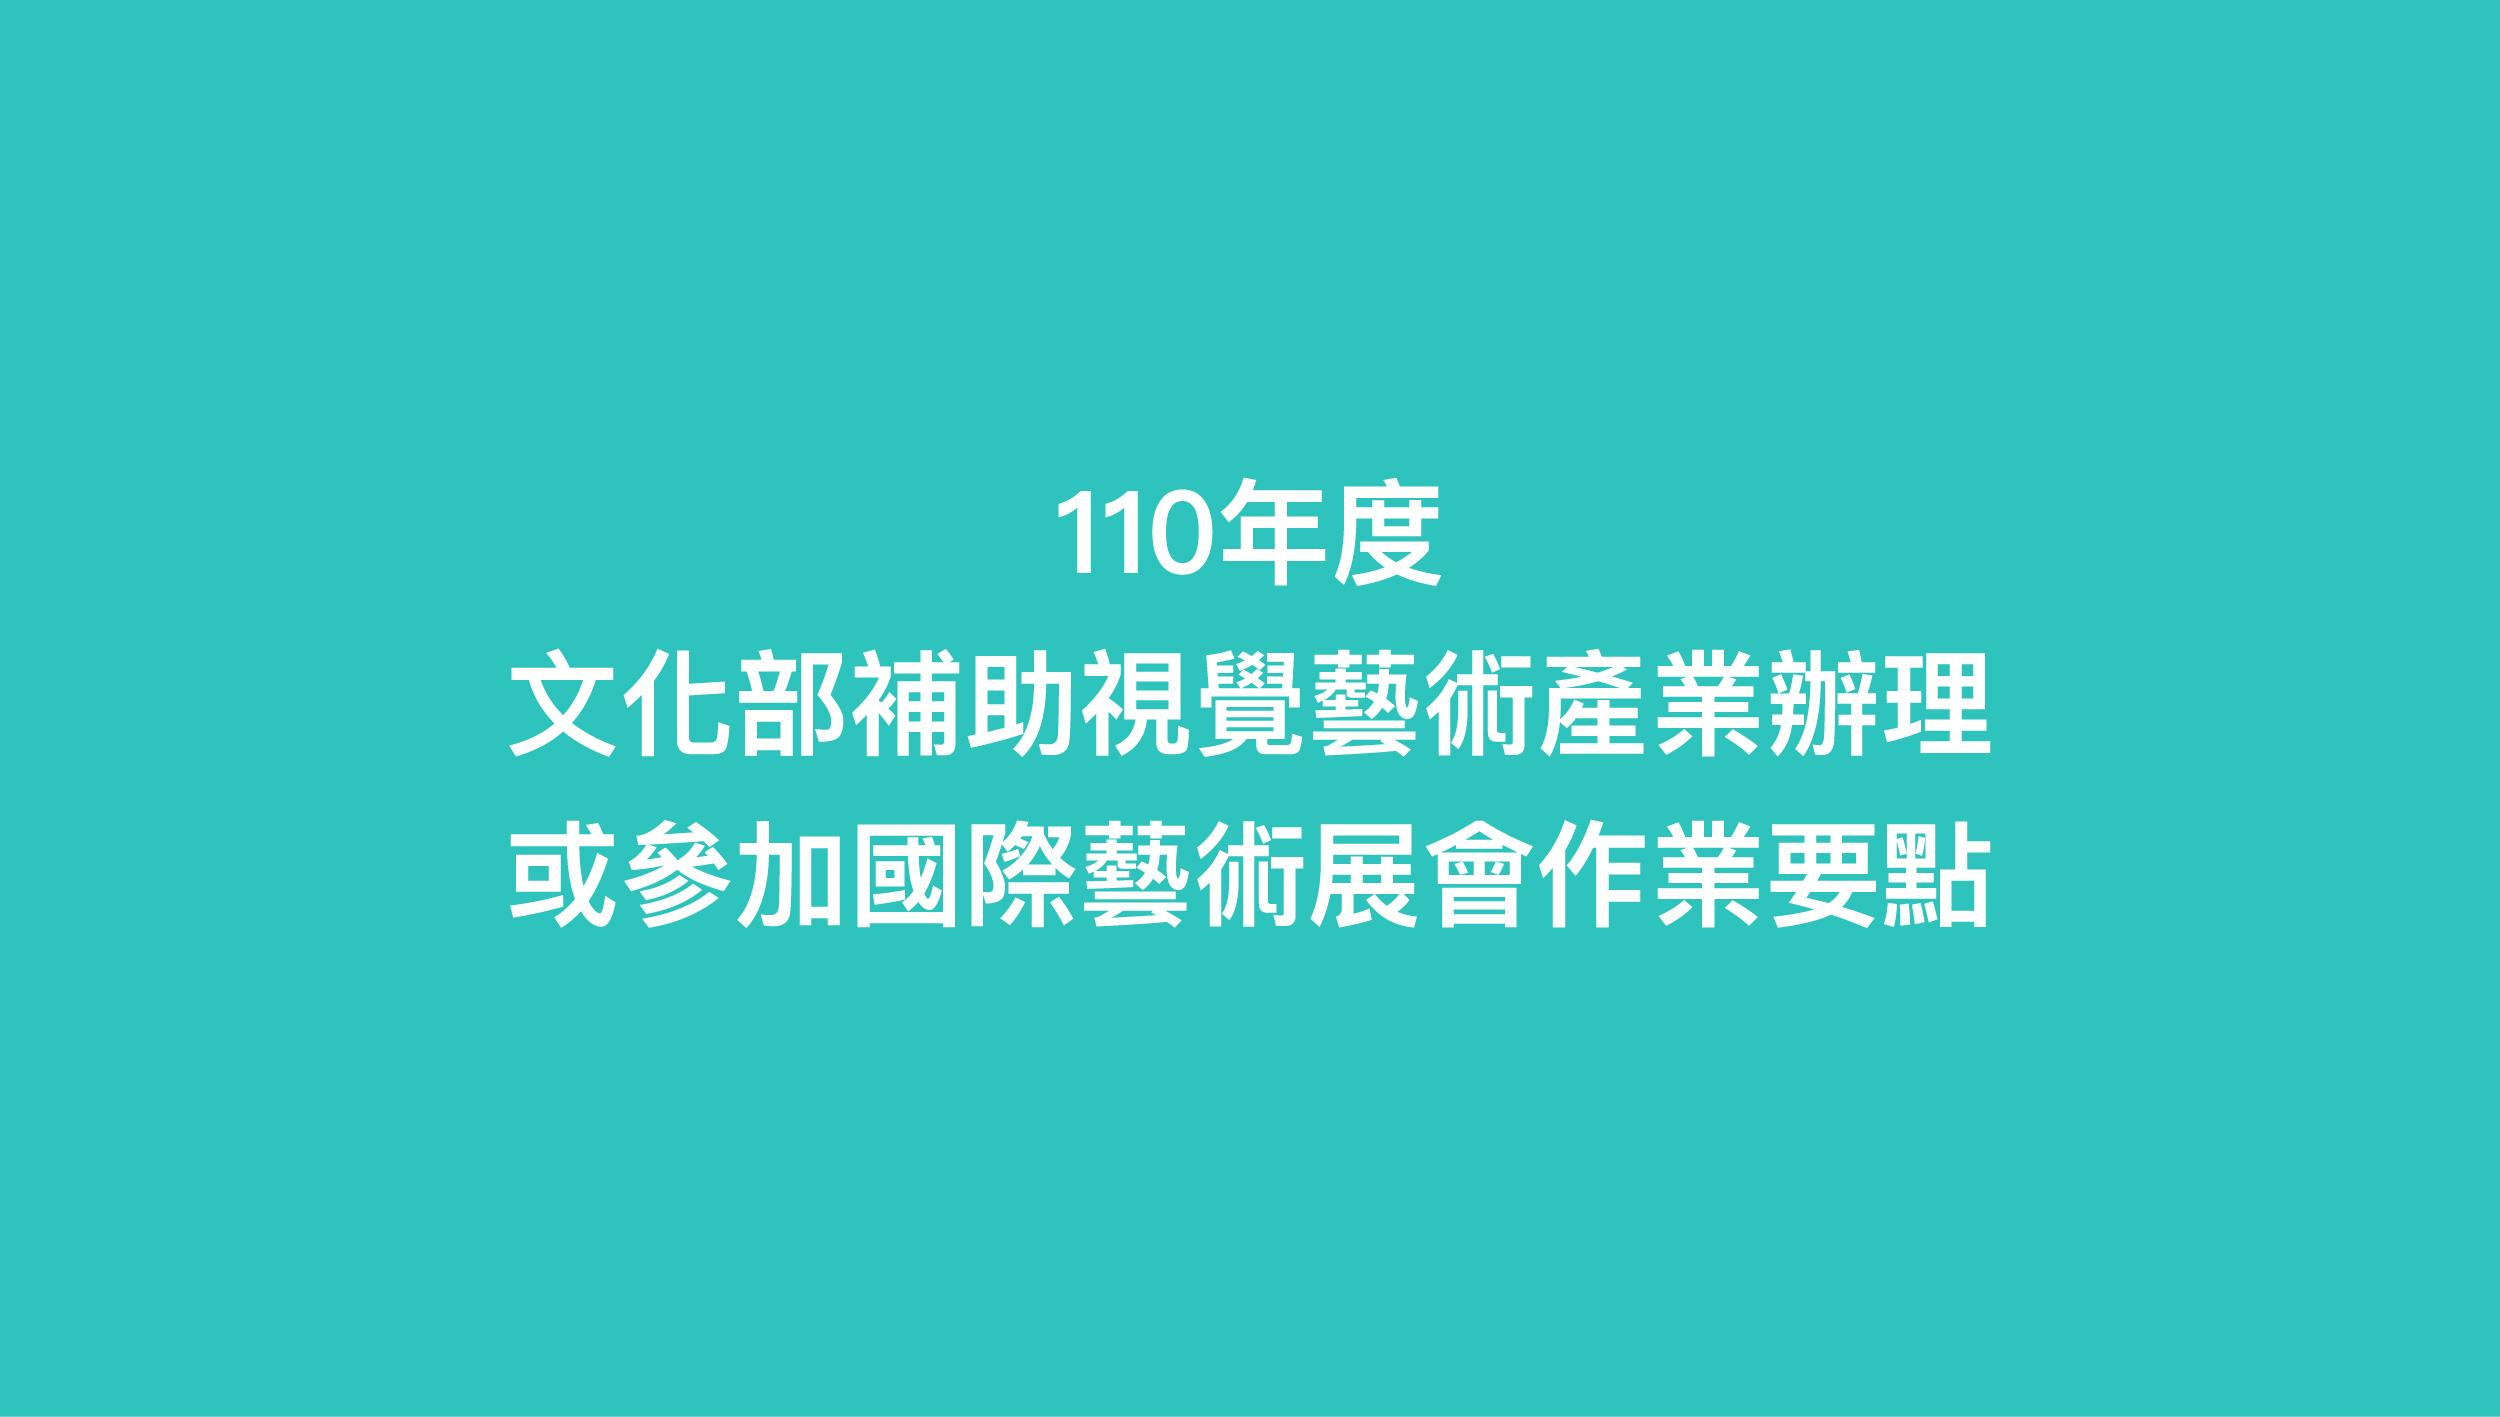 110年度「文化部補助視覺藝術產業辦理或參加國際藝術展會」作業要點